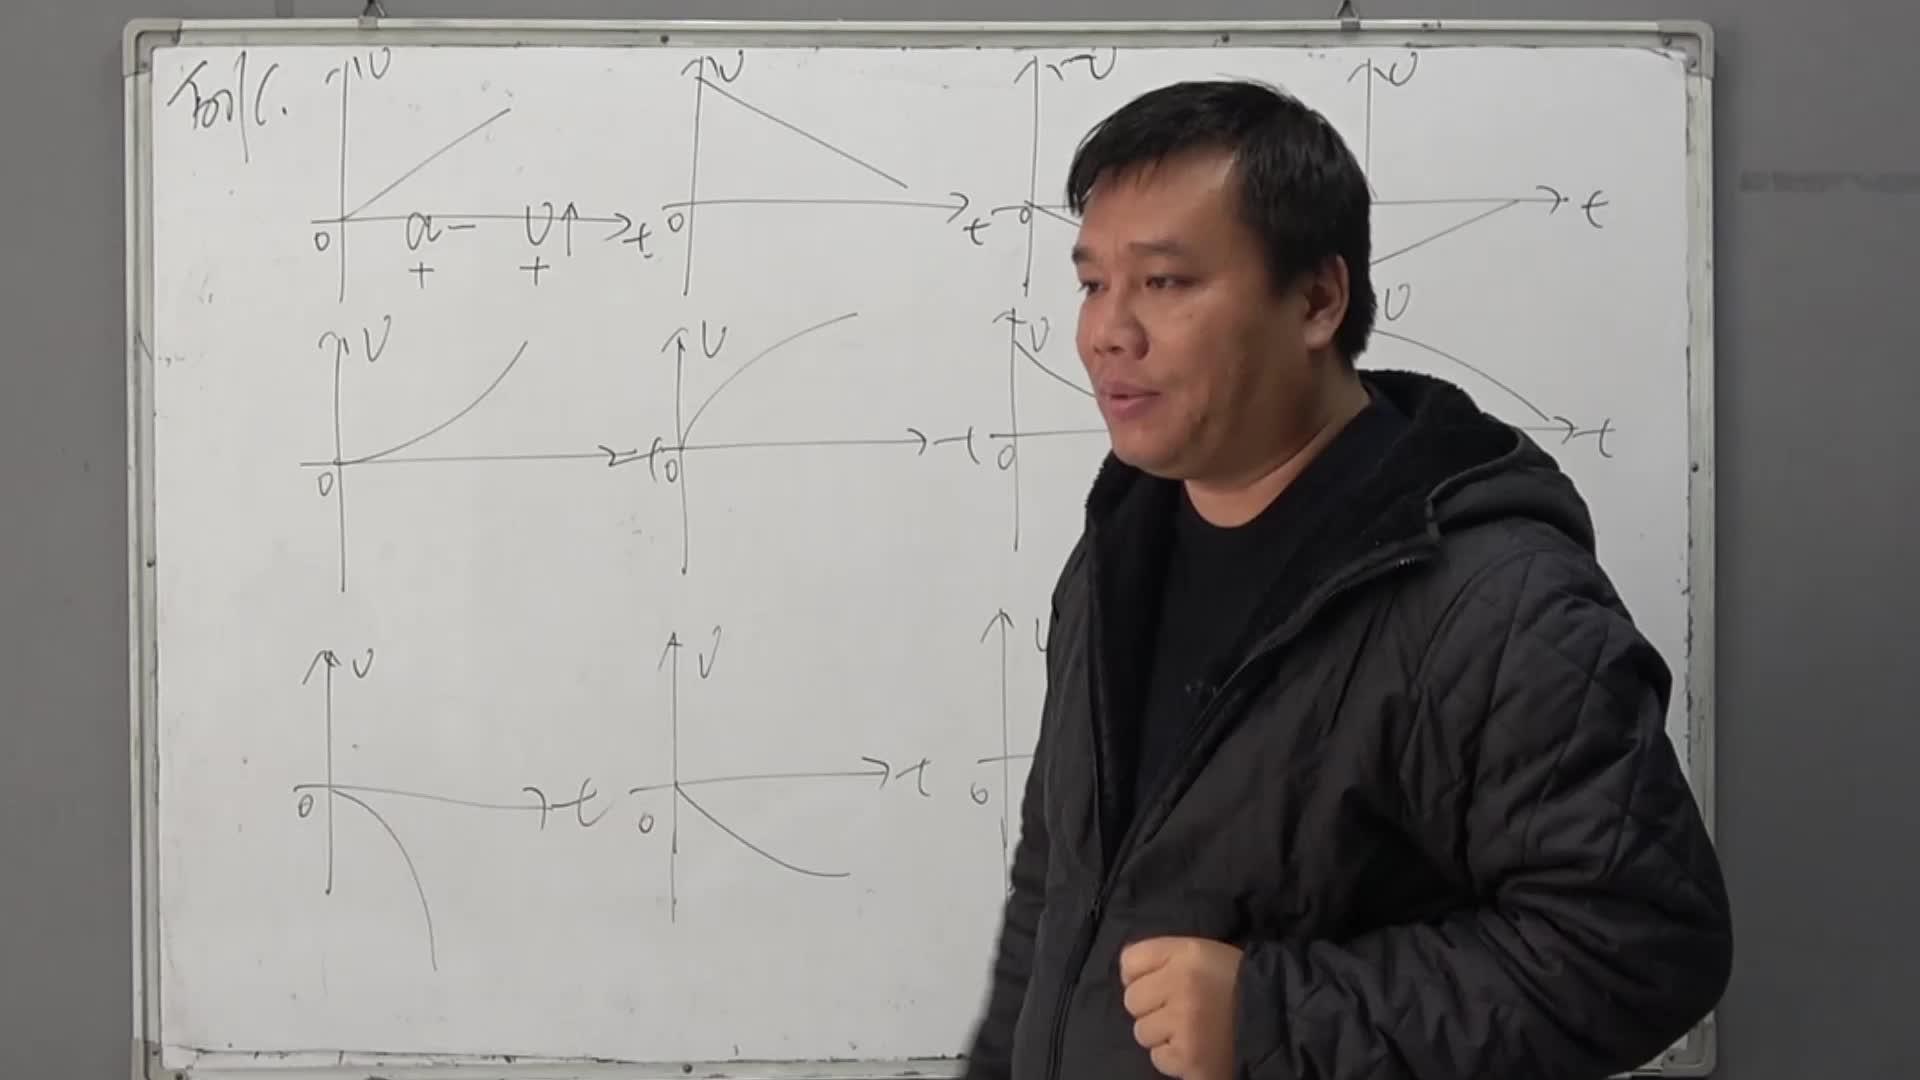 2019年高考物理 二轮复习 vt图一网打尽(小专题)-视频微课堂